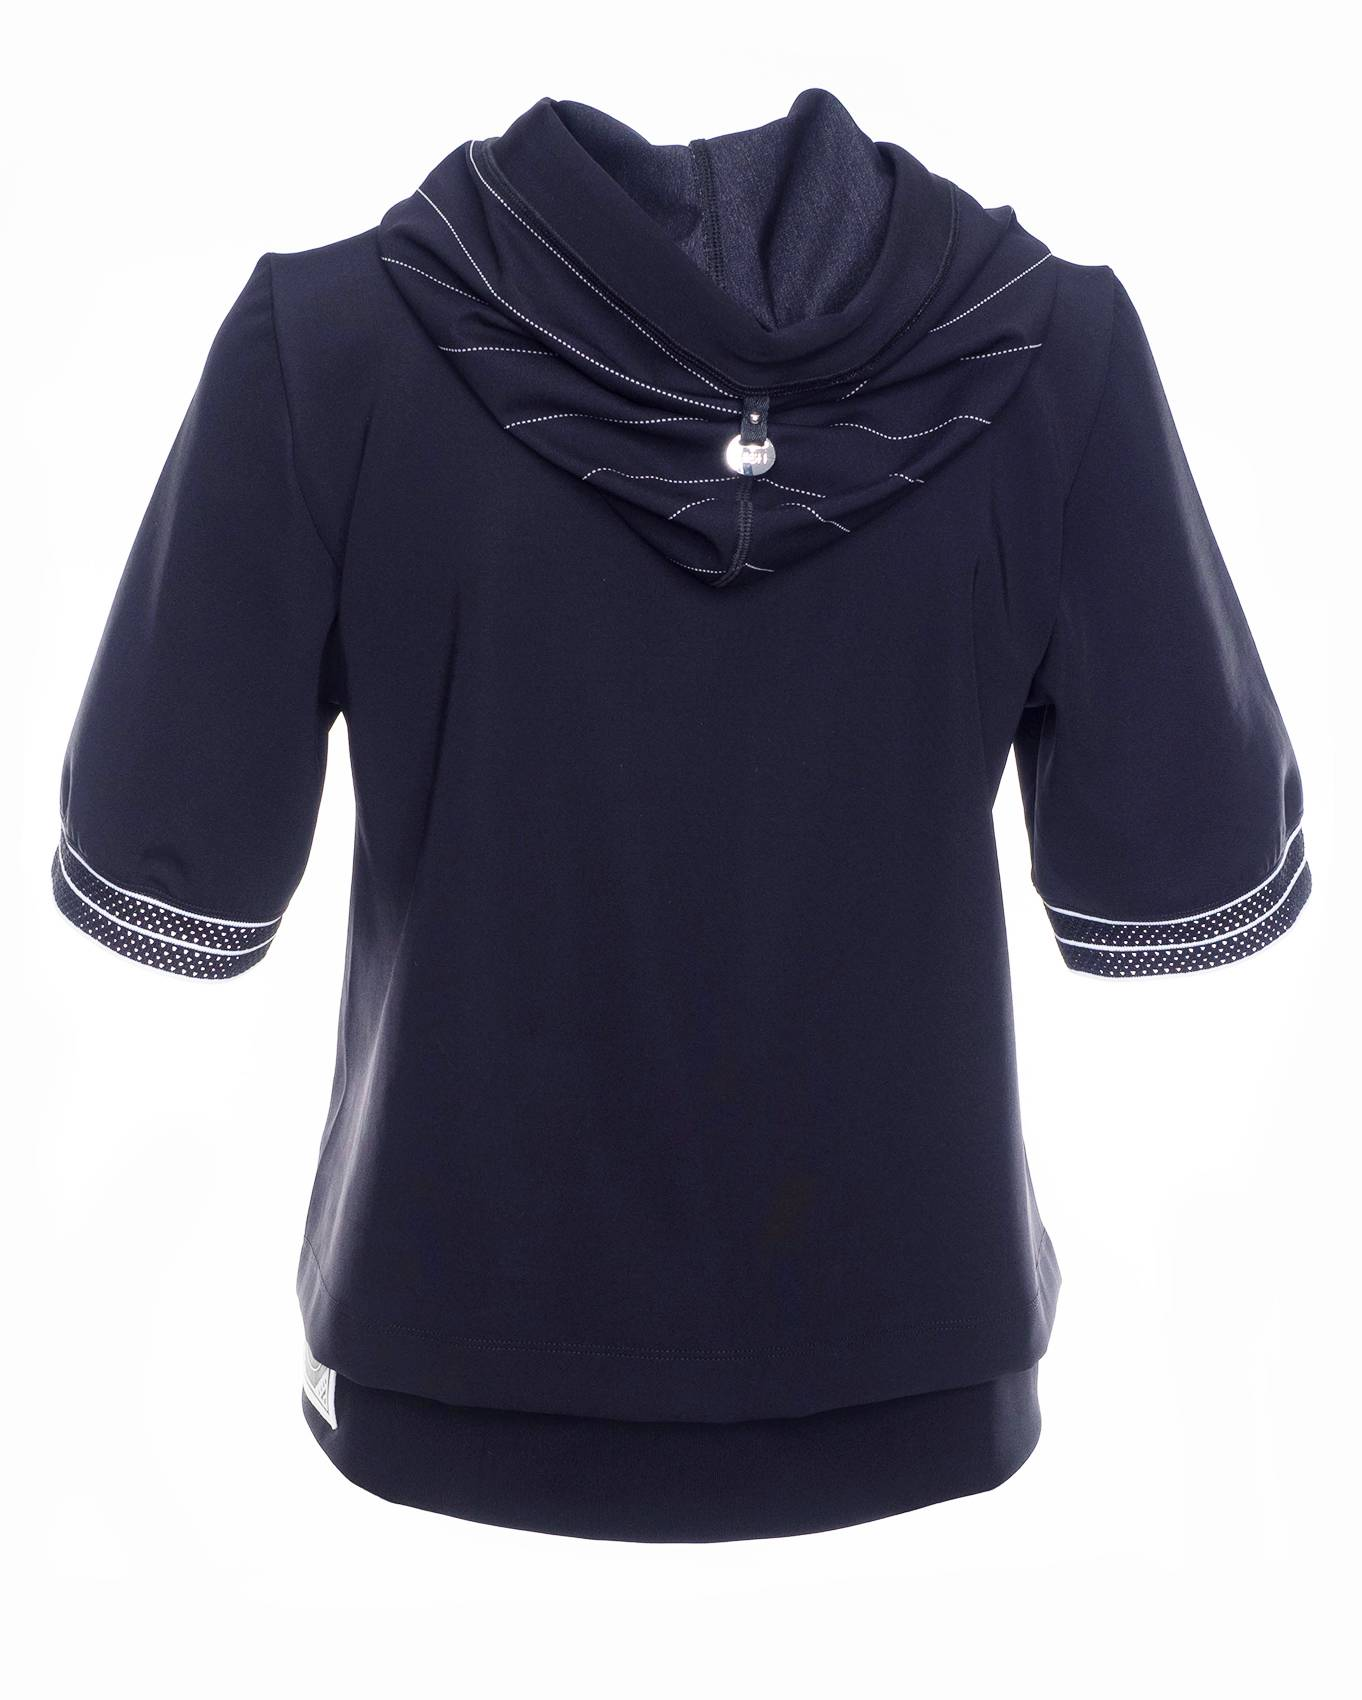 Shirt BOUNCE 297 | HIGH